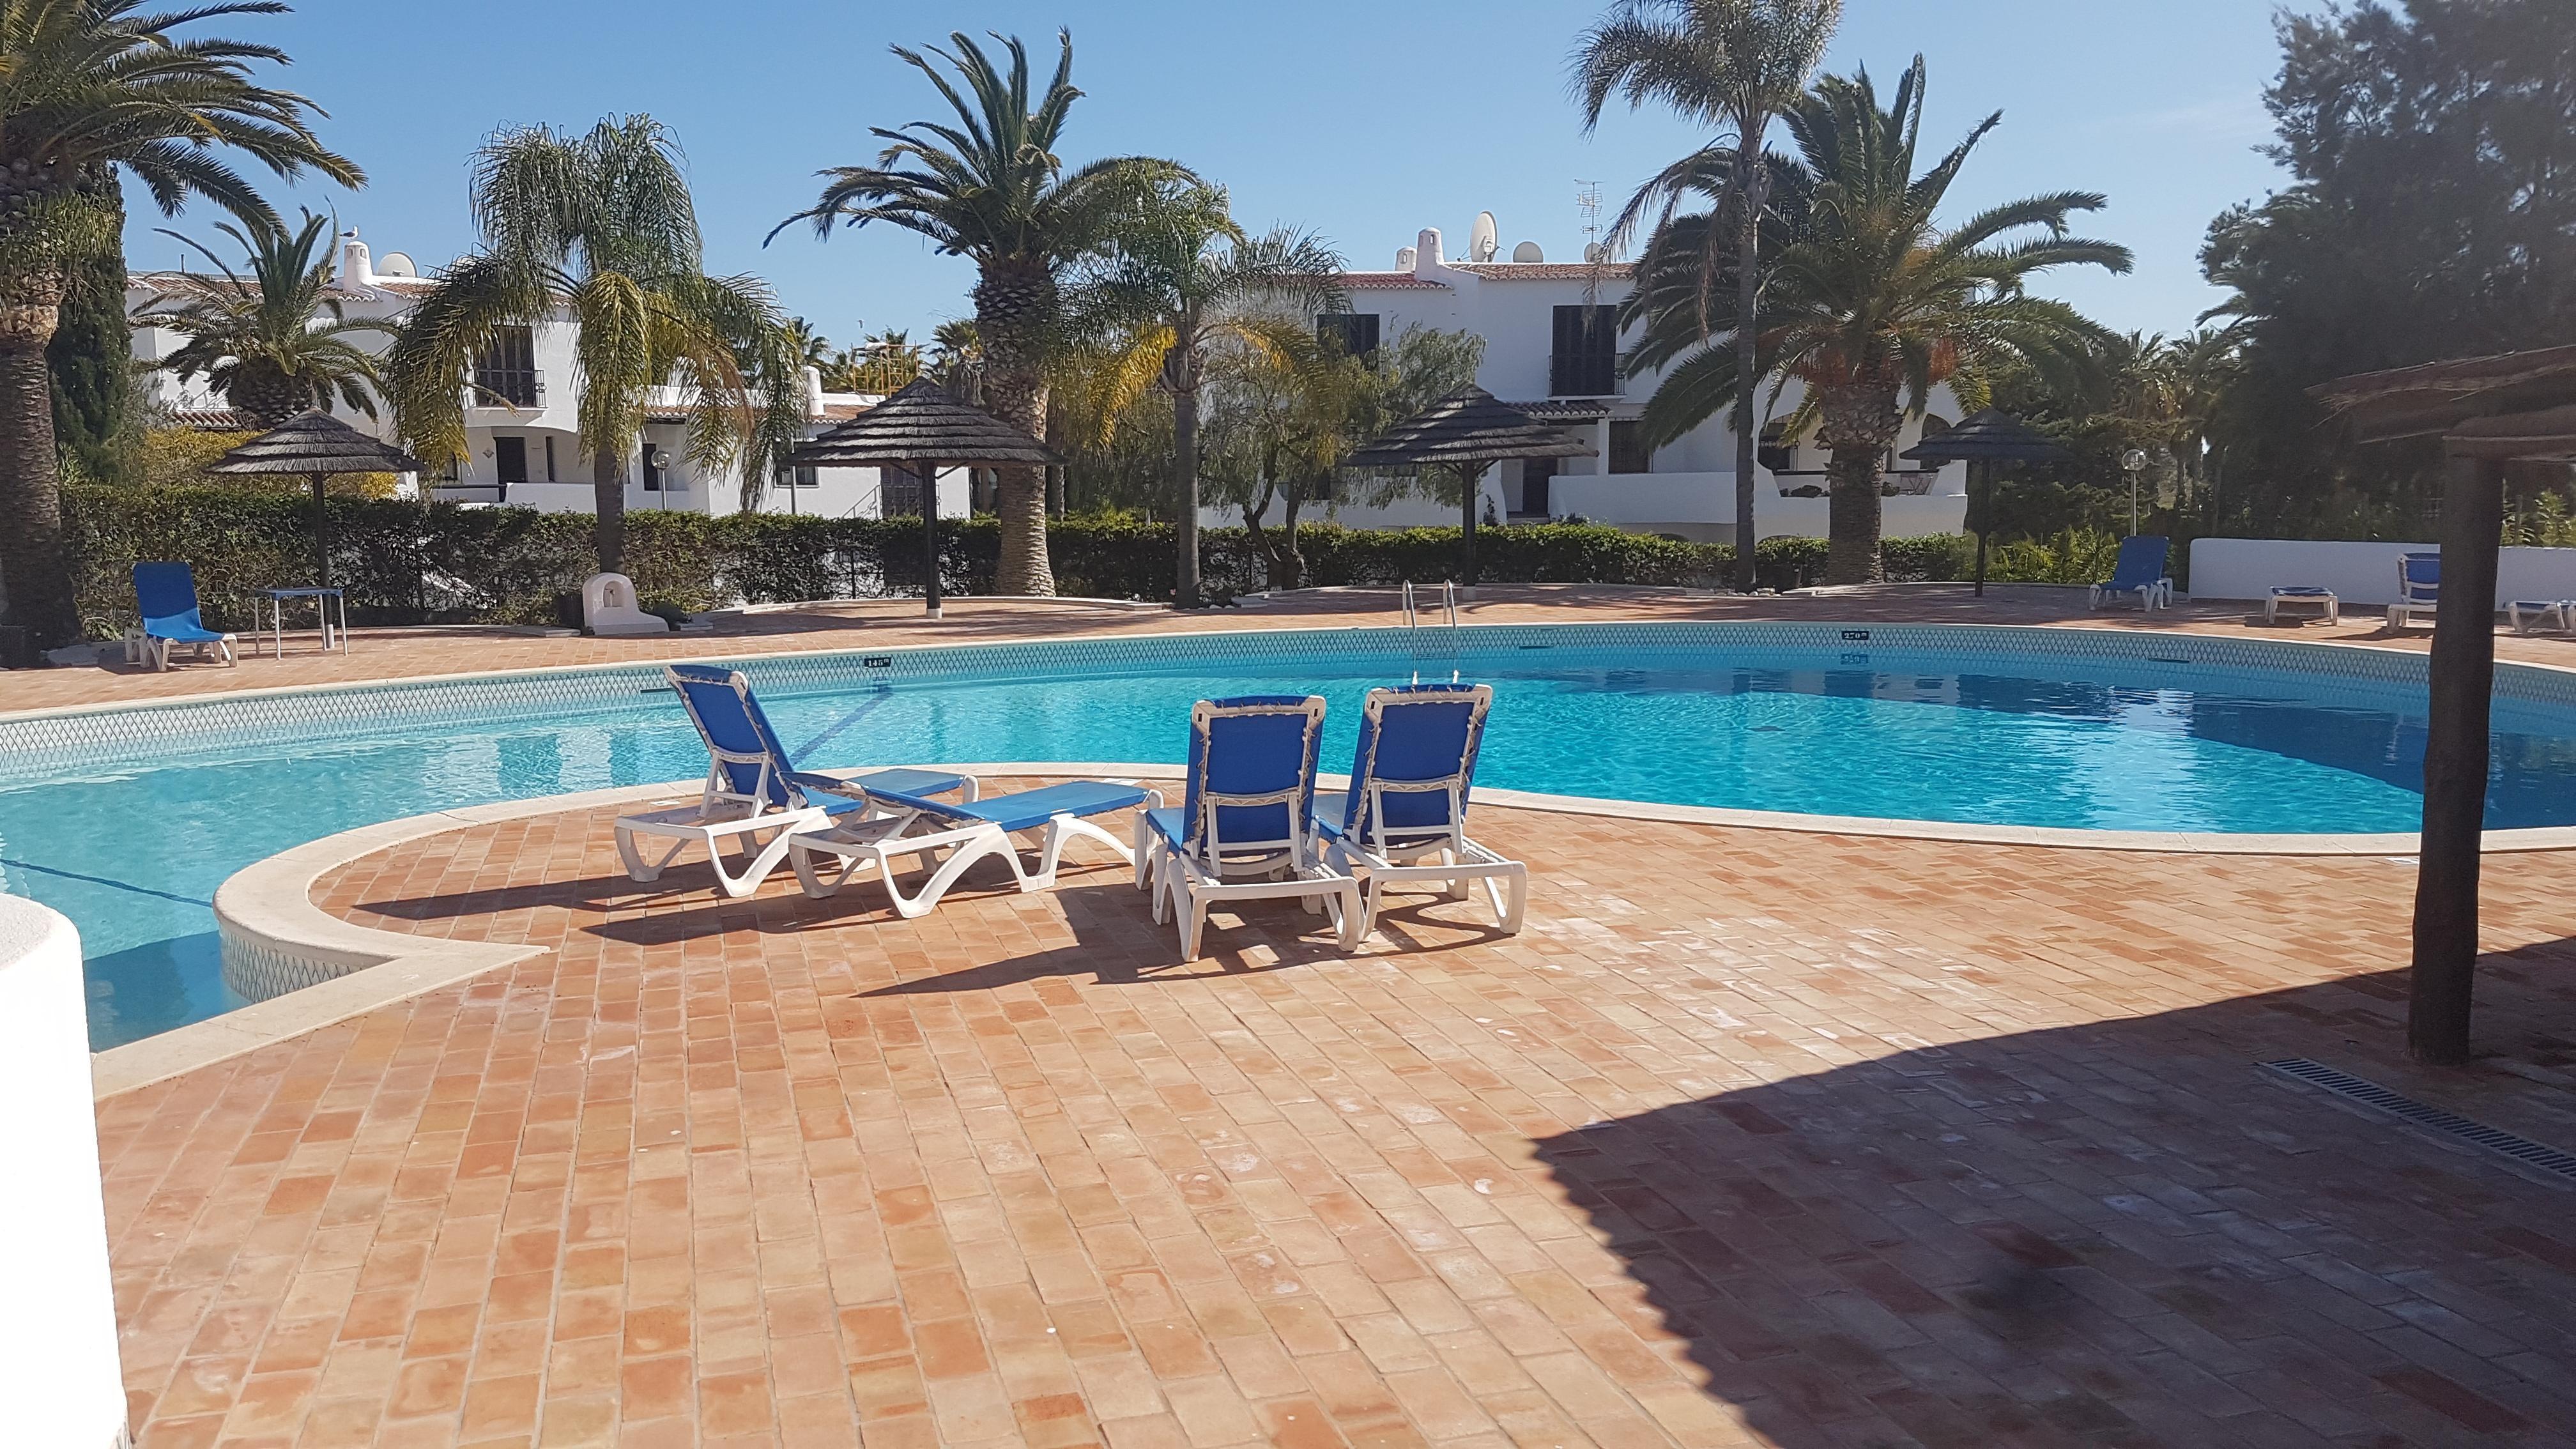 Portugal property for sale in Albufeira, Algarve